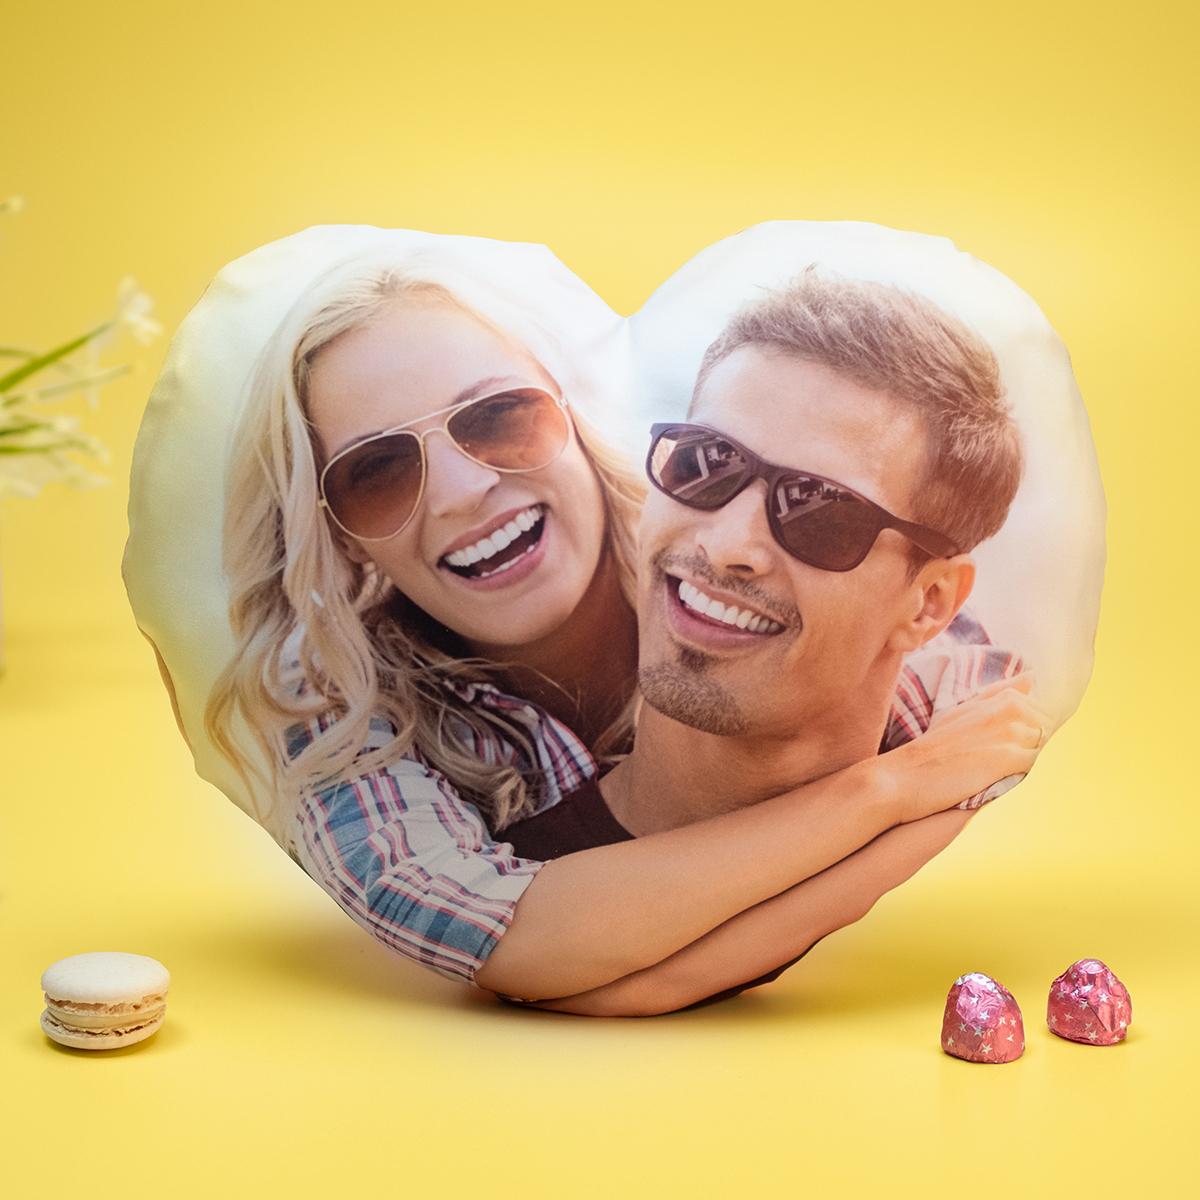 idee_regalo_san_valentino_personalizzate_le_migliori_per_stupire_chi_ami_8